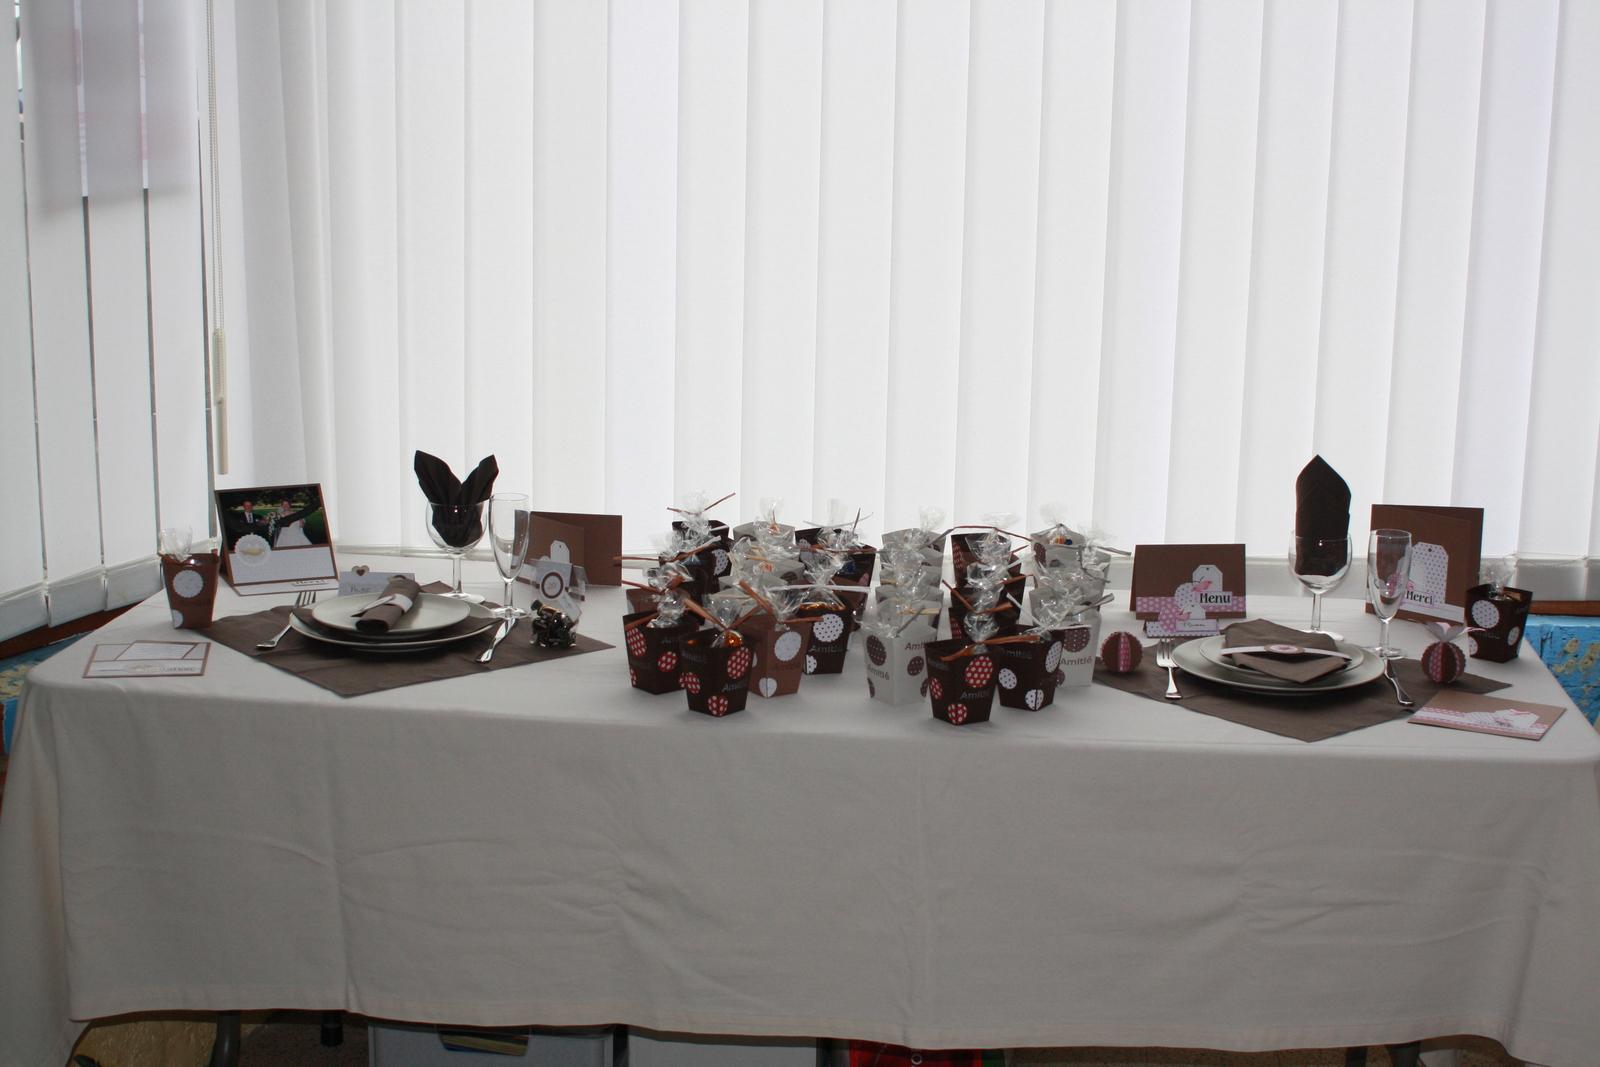 cours de d coration pont celles gosselies scrap cat objets d coratifs. Black Bedroom Furniture Sets. Home Design Ideas